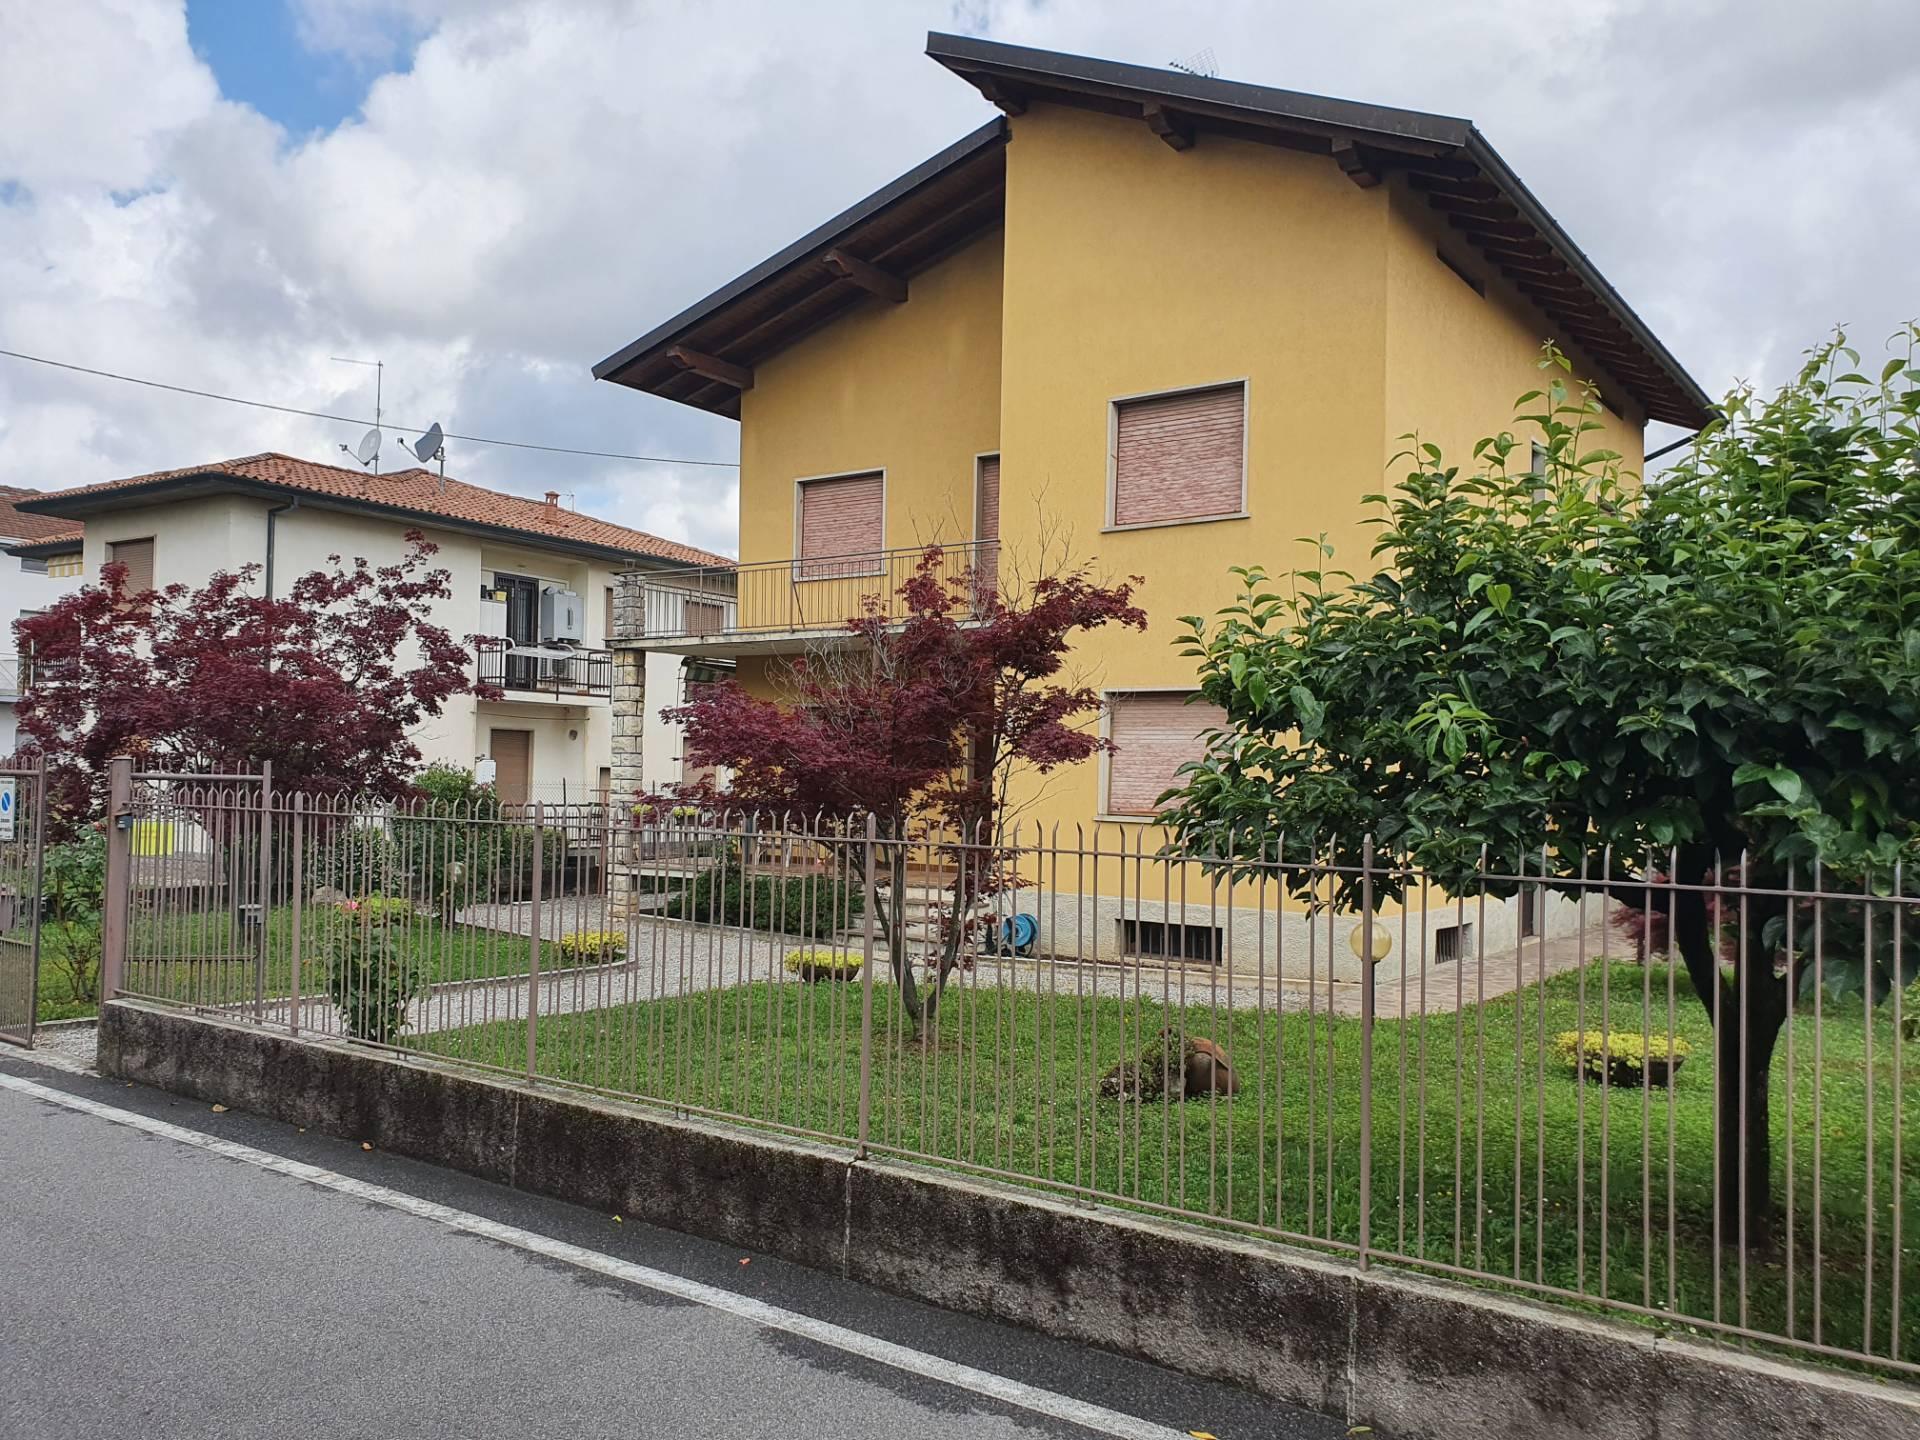 Villa Bifamiliare in vendita a Seriate, 6 locali, prezzo € 330.000 | PortaleAgenzieImmobiliari.it